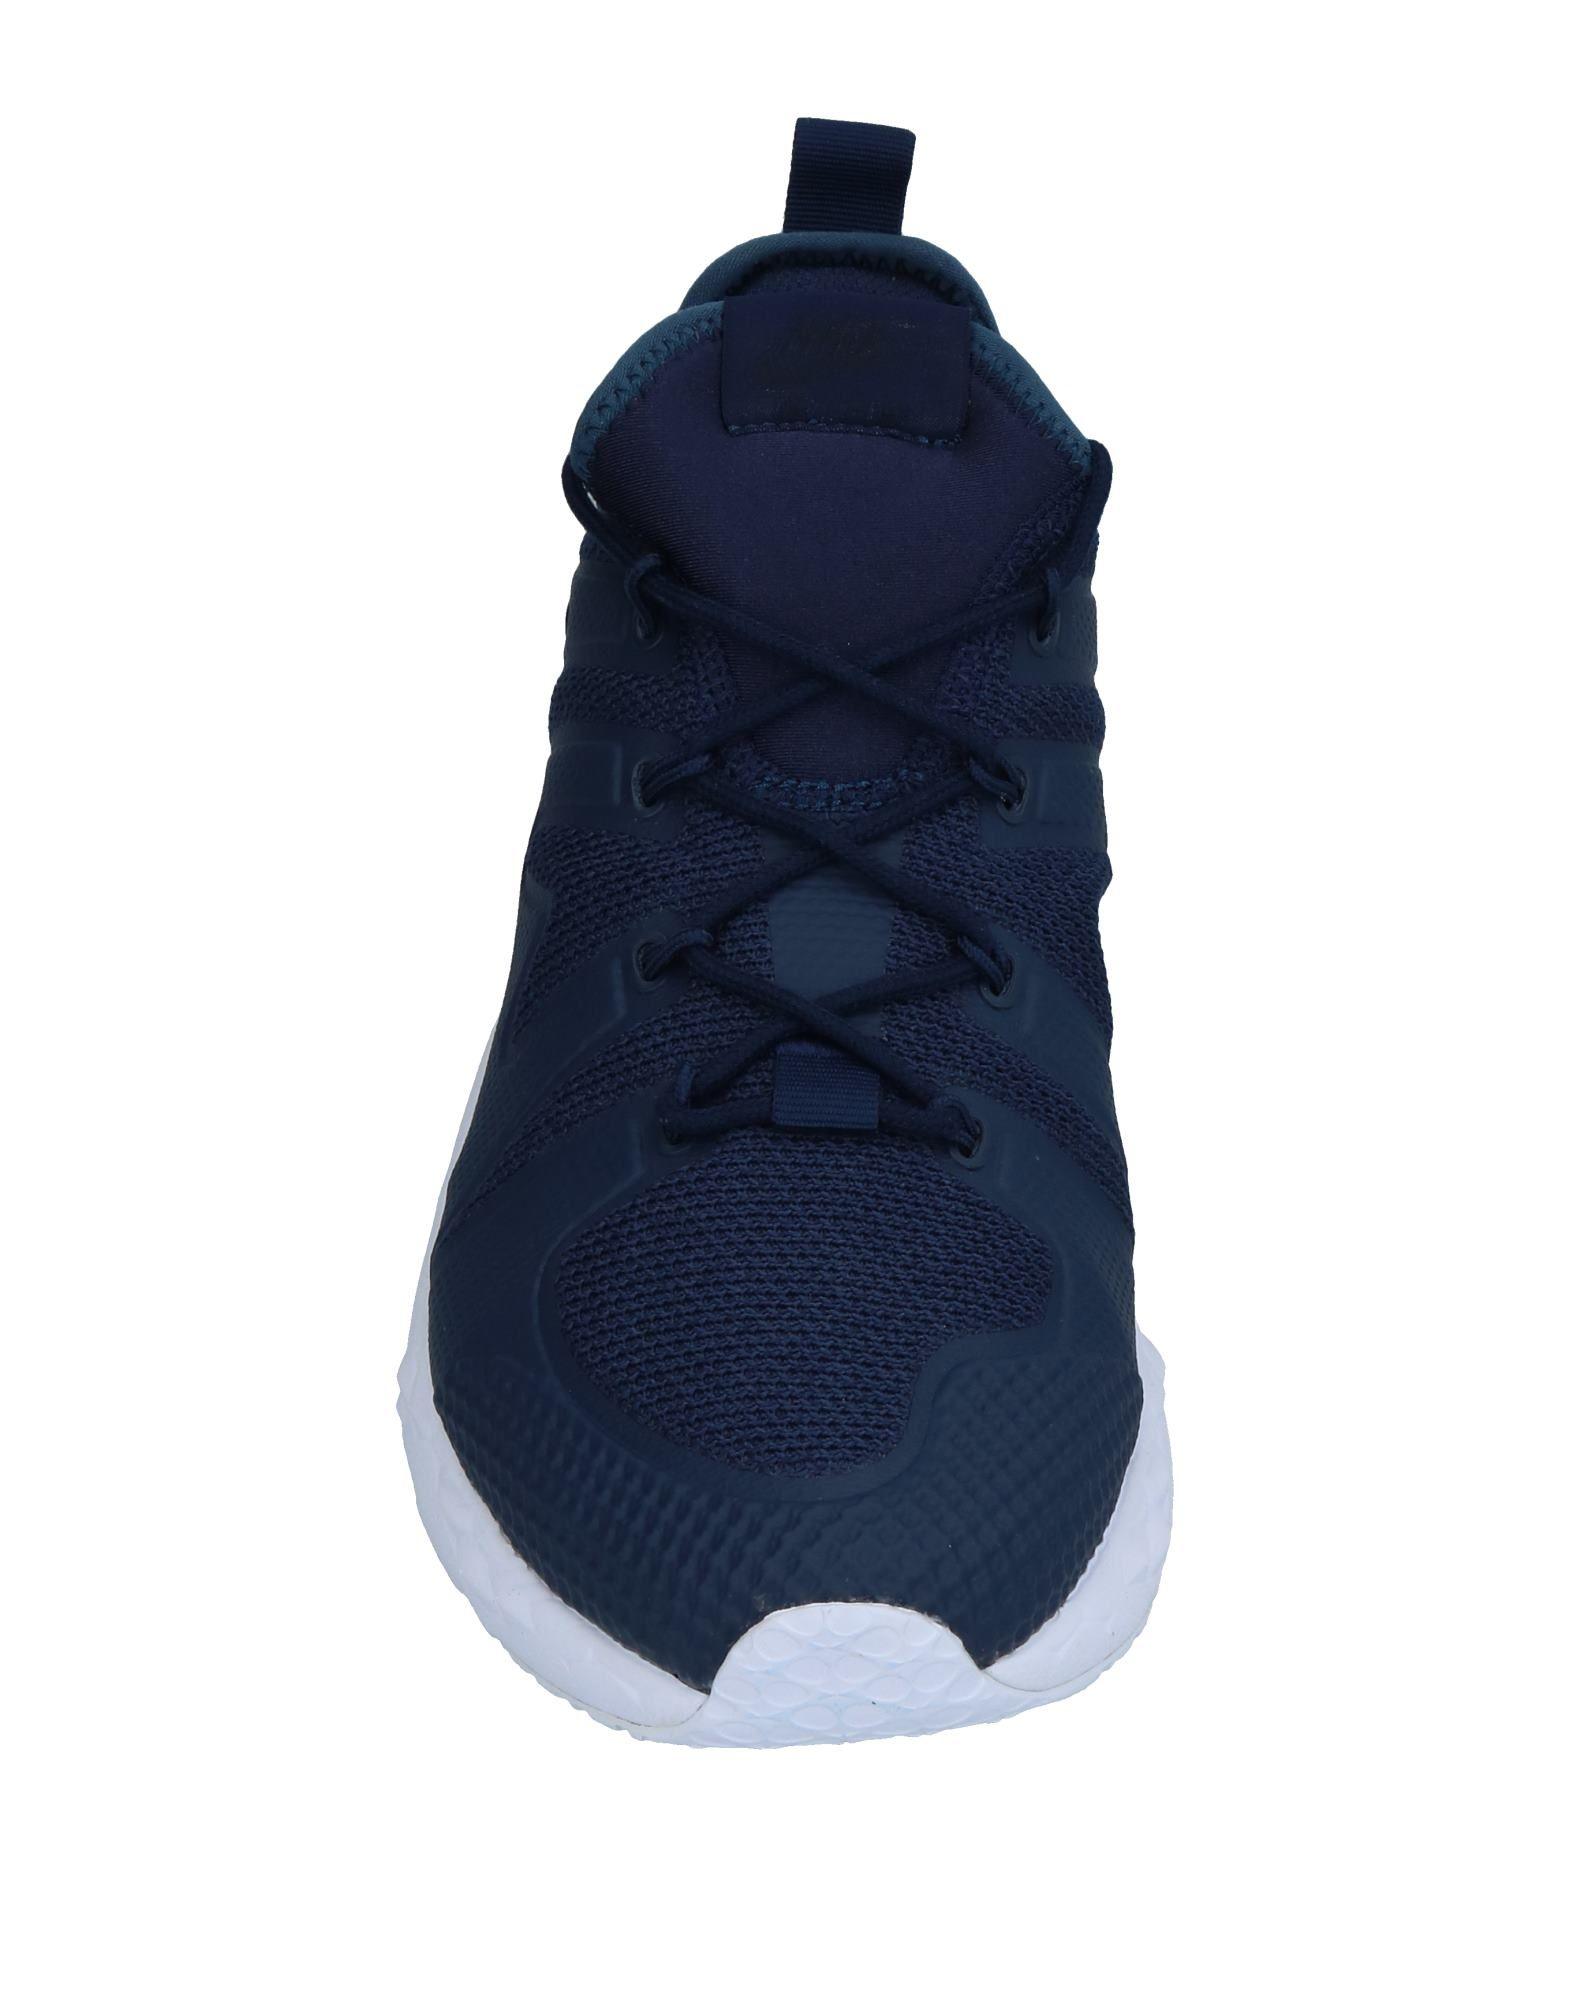 Nike Sneakers Herren Gutes Preis-Leistungs-Verhältnis, es lohnt lohnt lohnt sich ff00e4